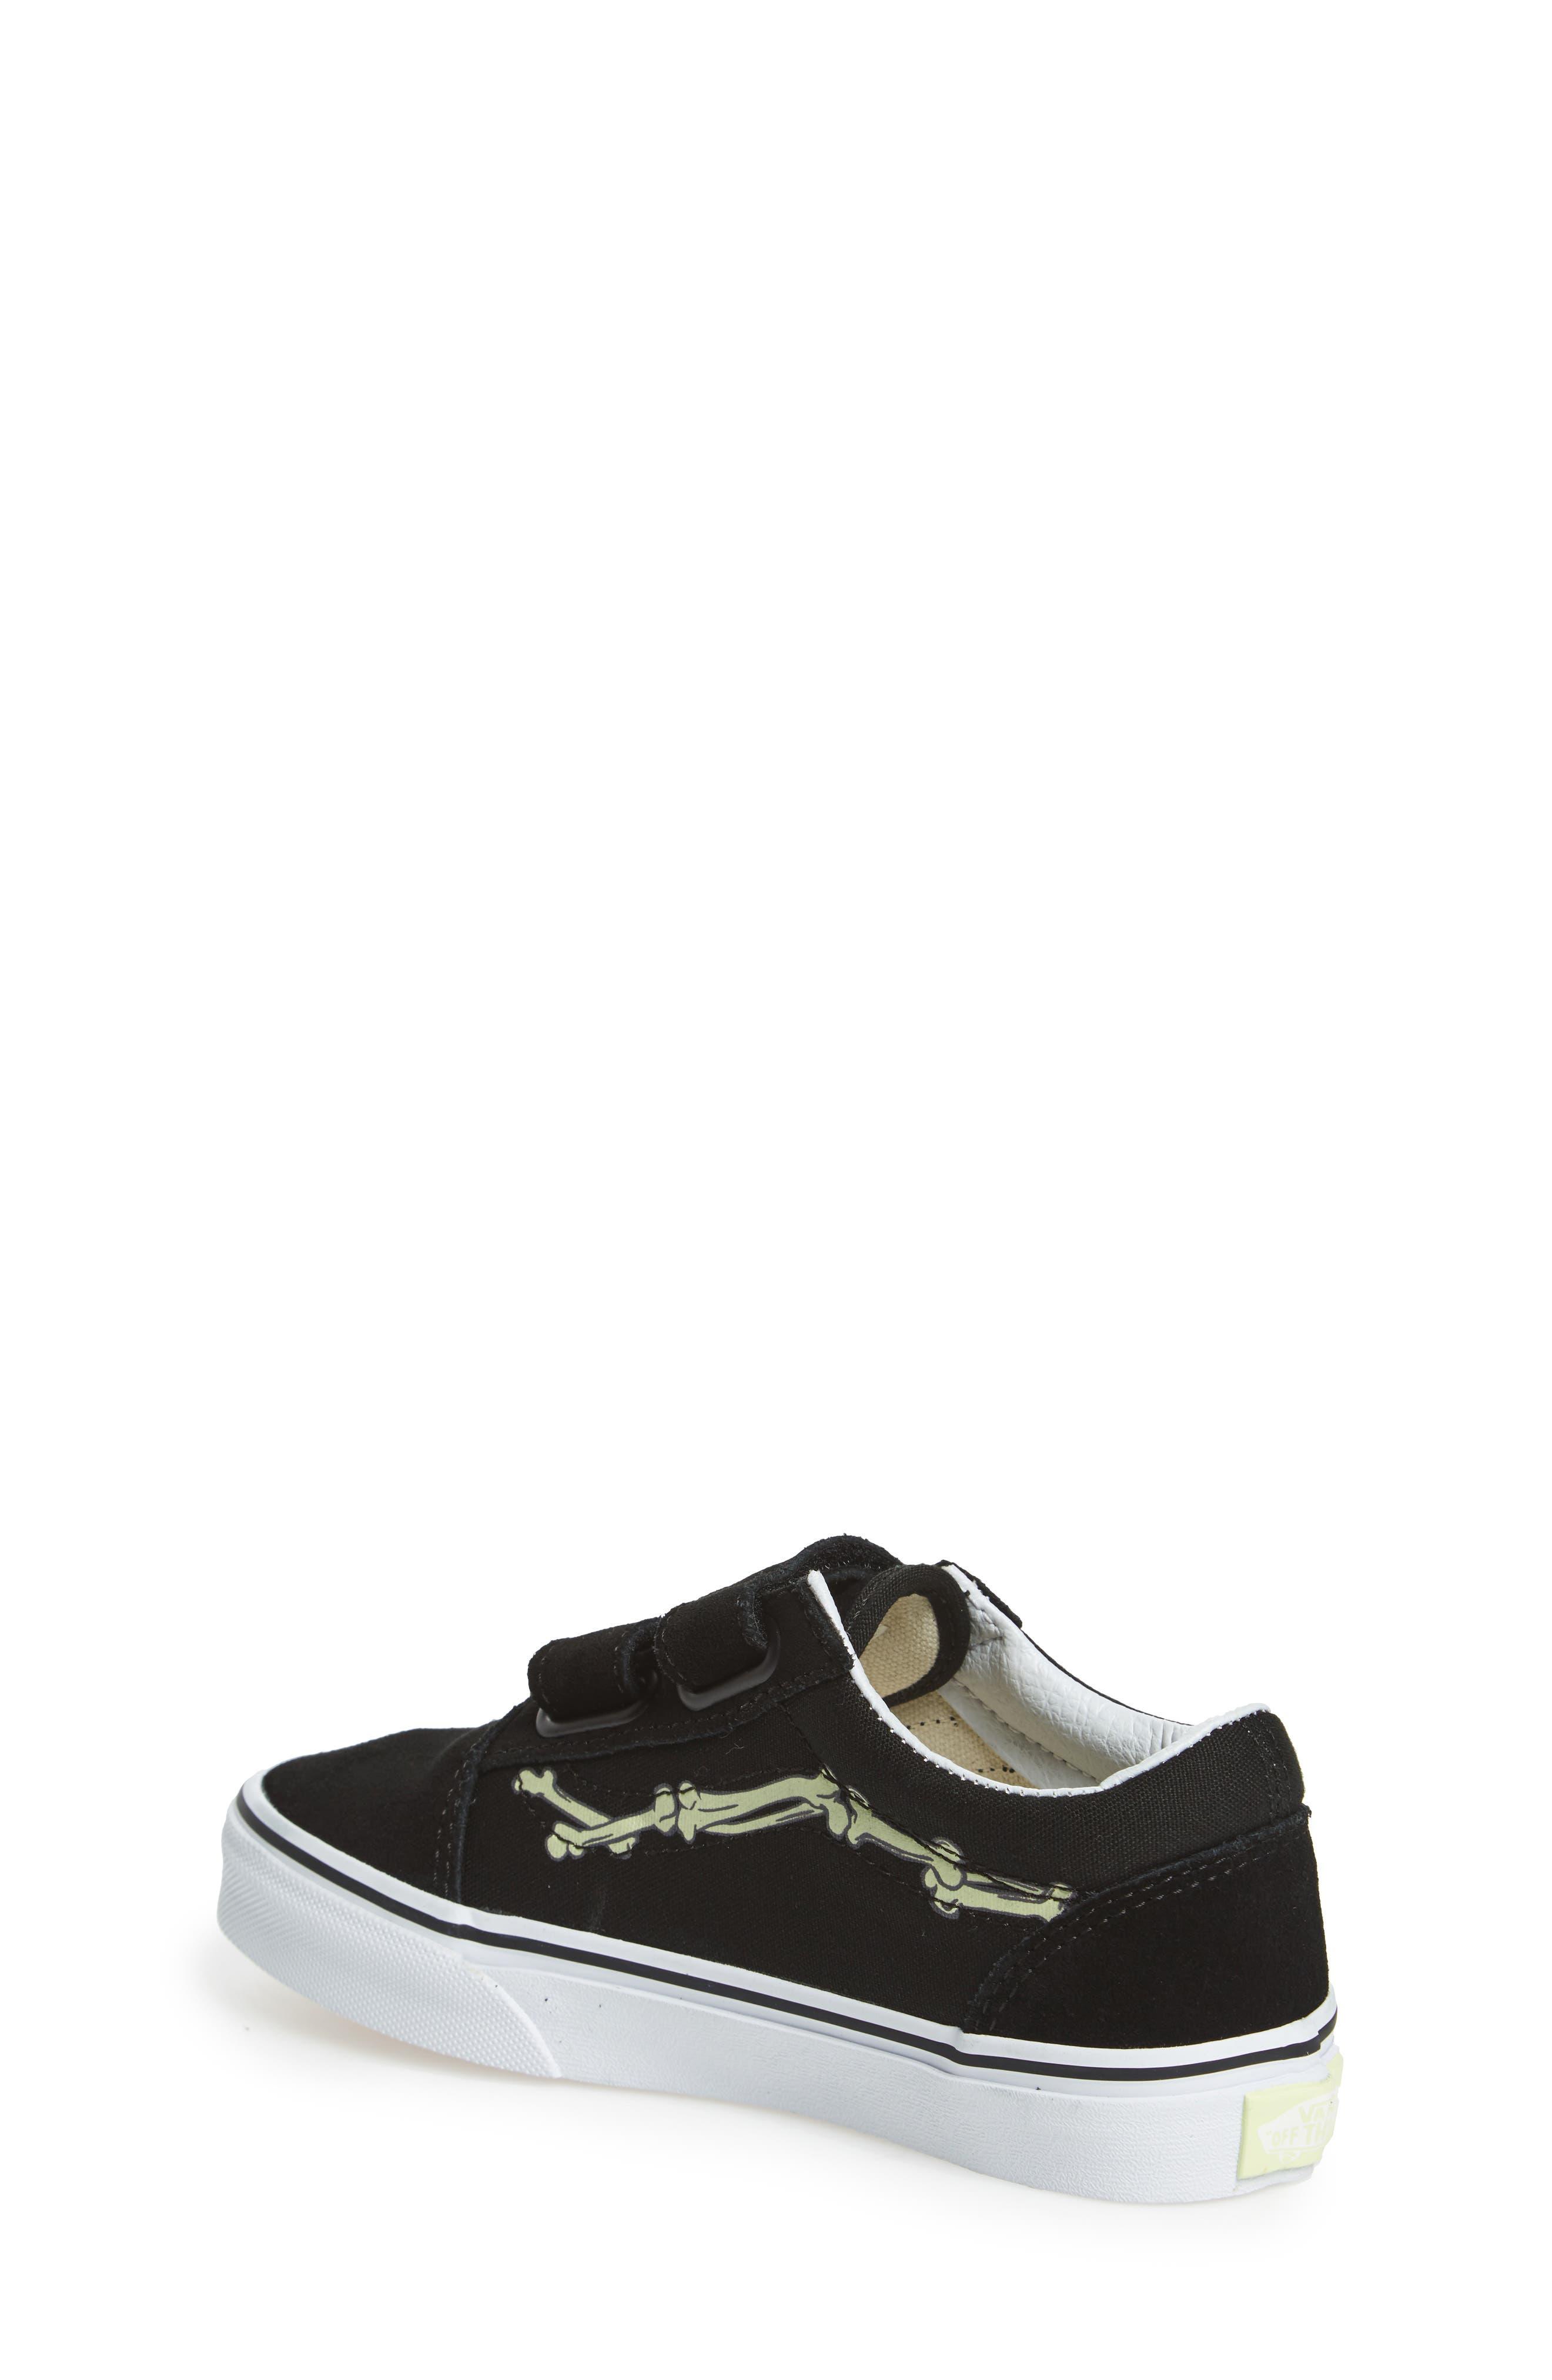 Old Skool Skate Sneaker,                             Alternate thumbnail 2, color,                             001